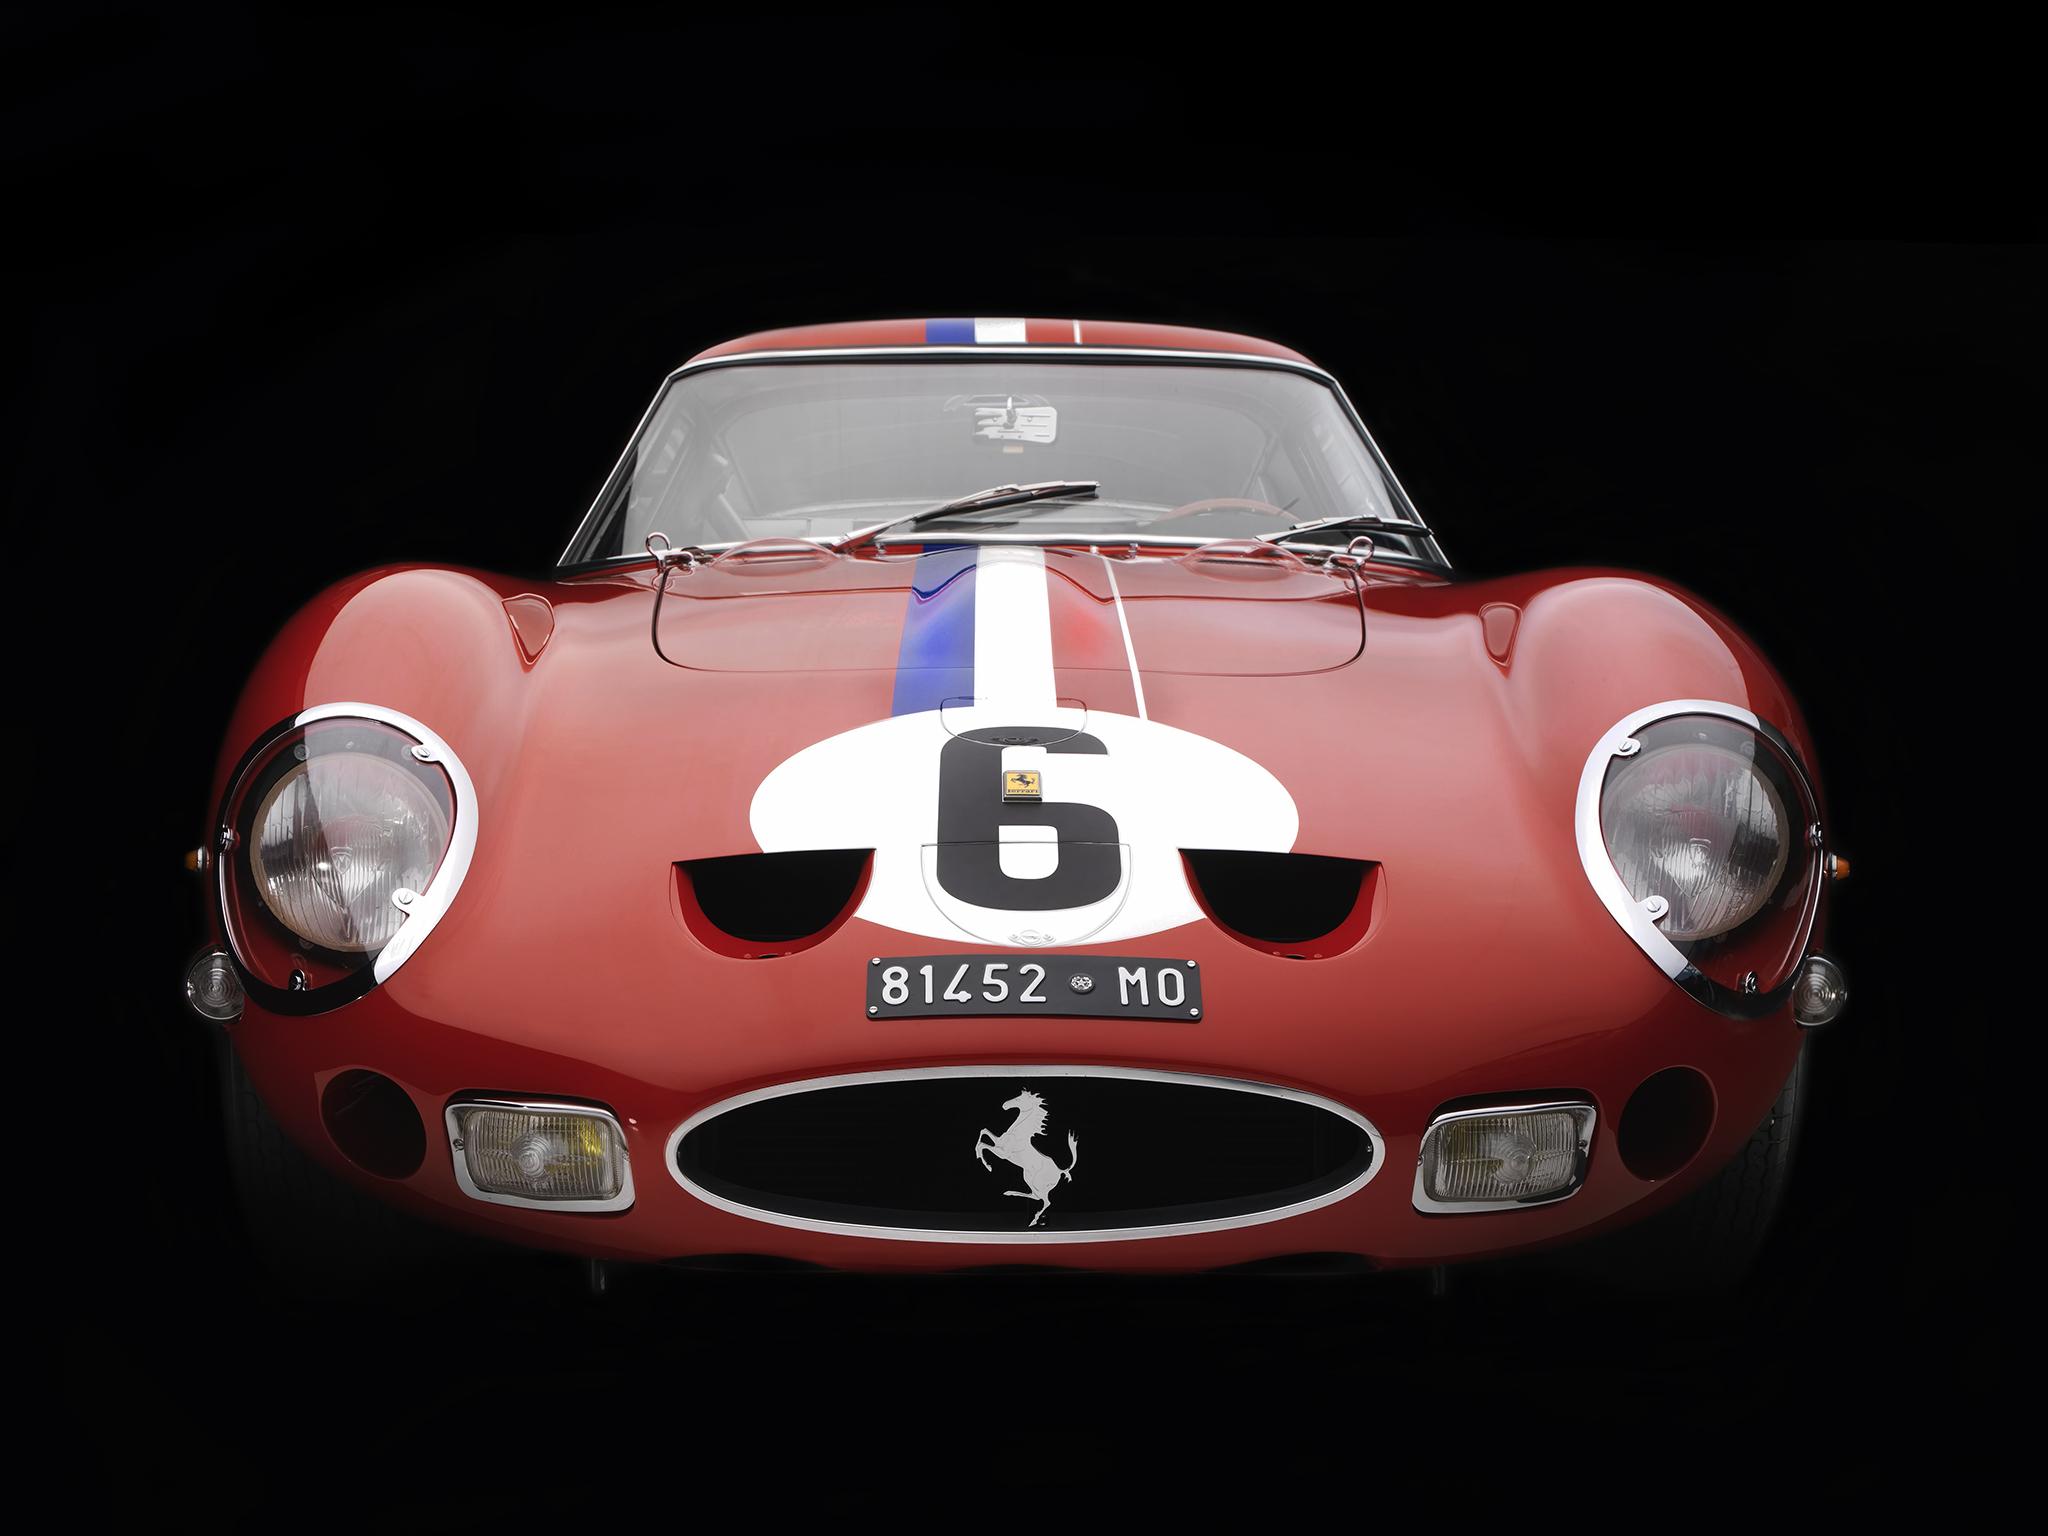 1962 Ferrari 250 Gto Series I Supercar Supercars Classic D Wallpaper 2048x1536 117750 Wallpaperup